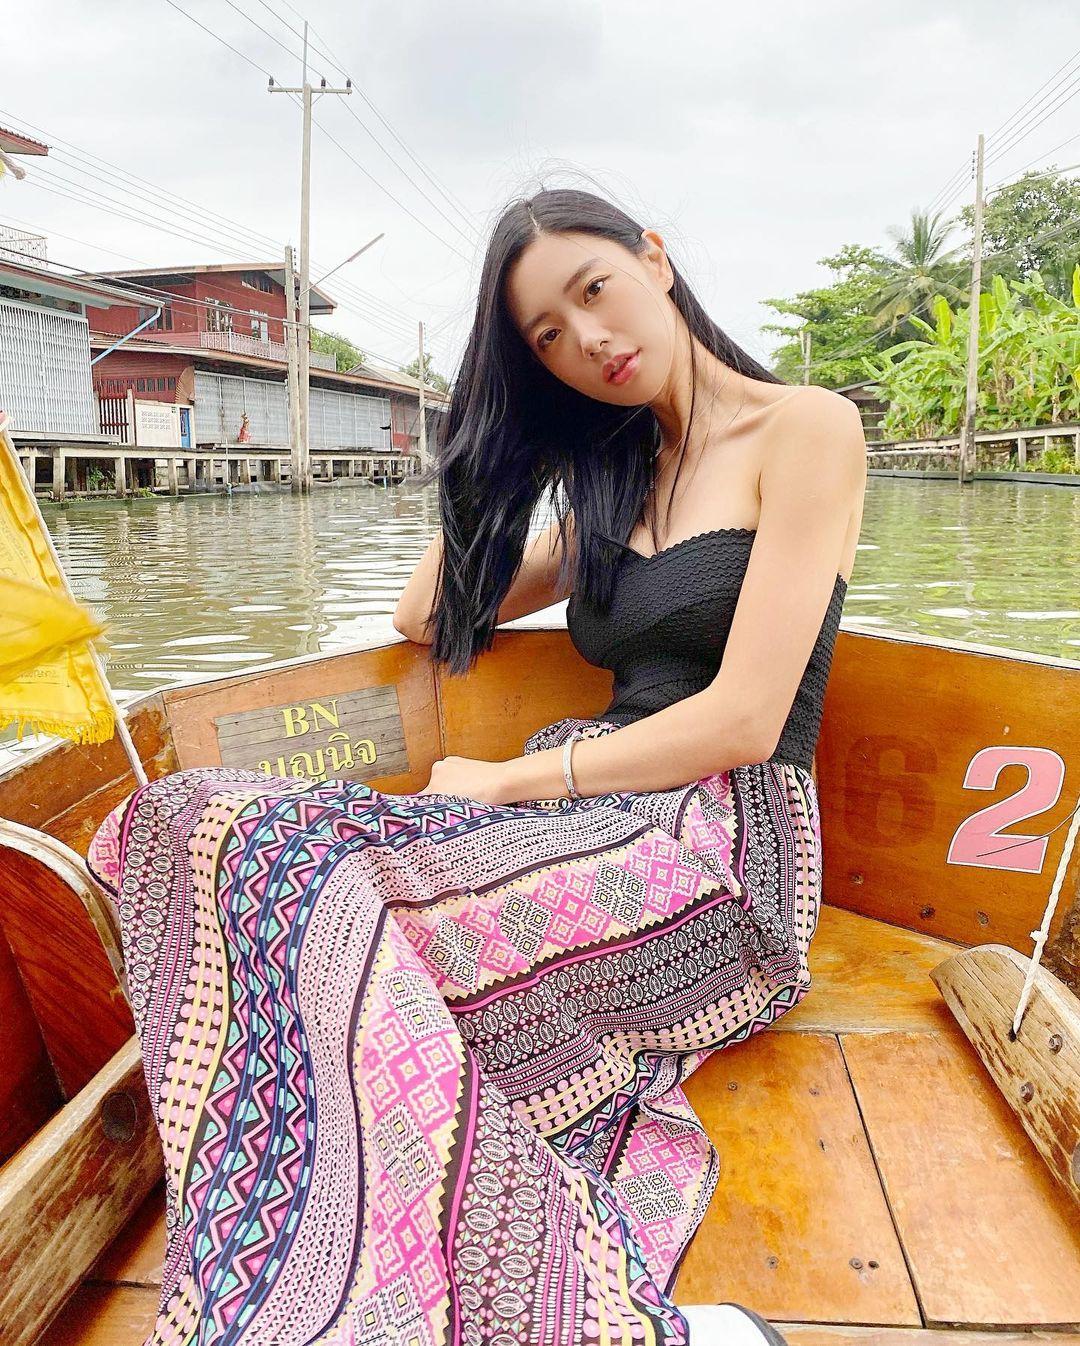 actressclara_20191104-1.jpeg